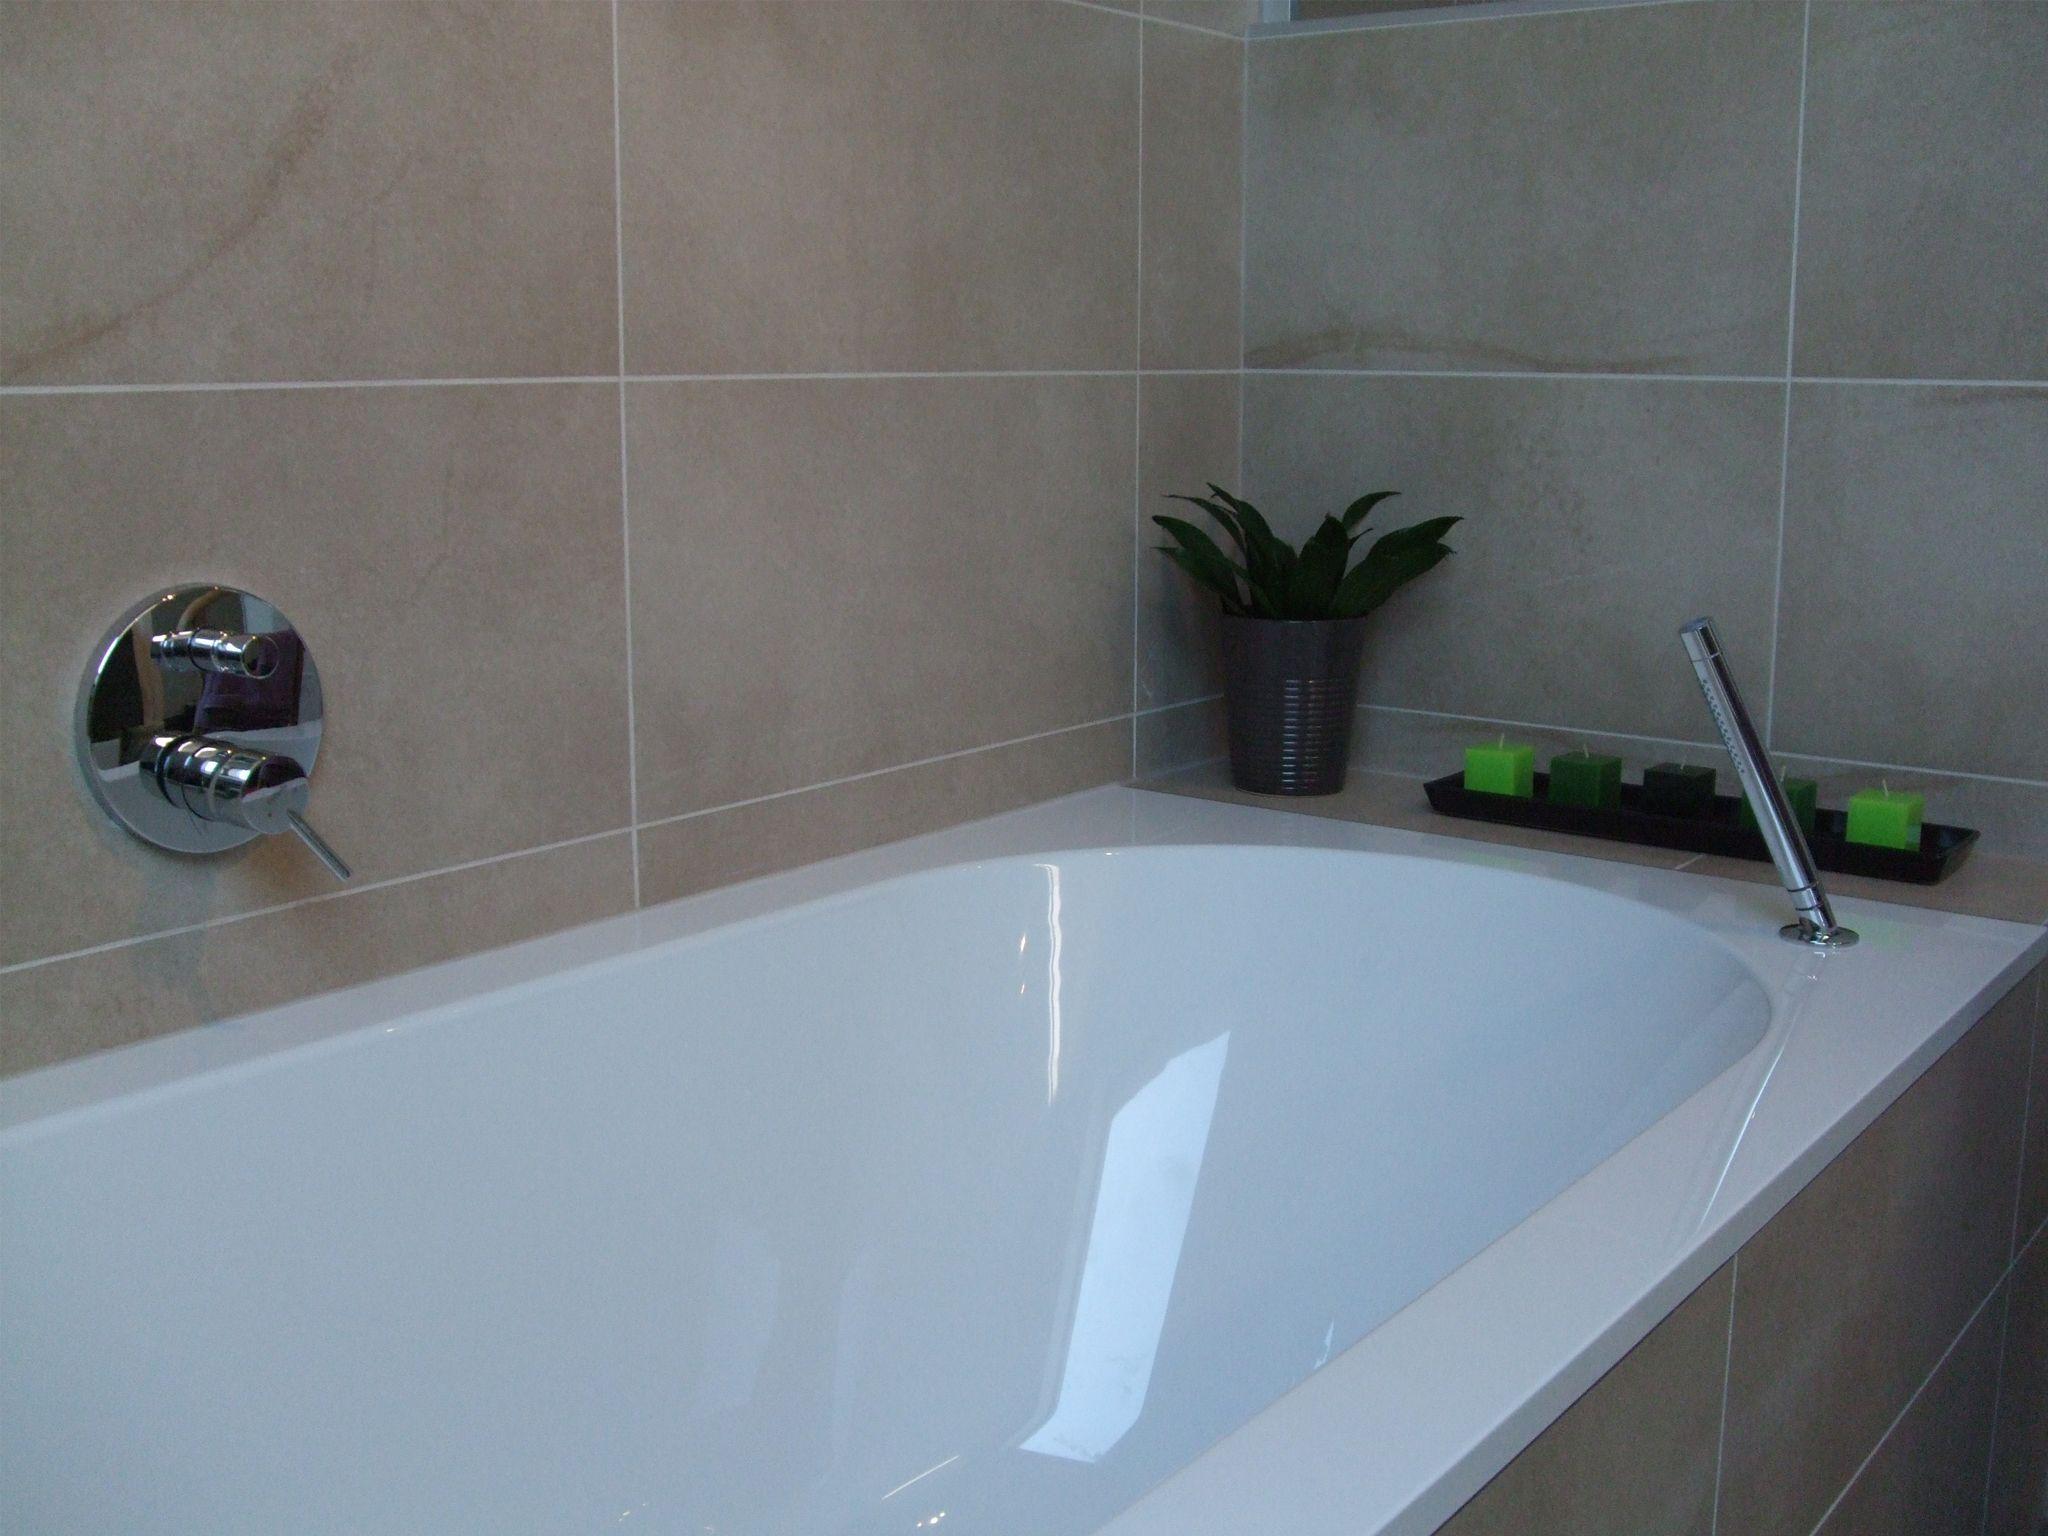 Bad ingewerkt met tegels. Bad: Villeroy & Boch. Inbouwkraanwerk ...